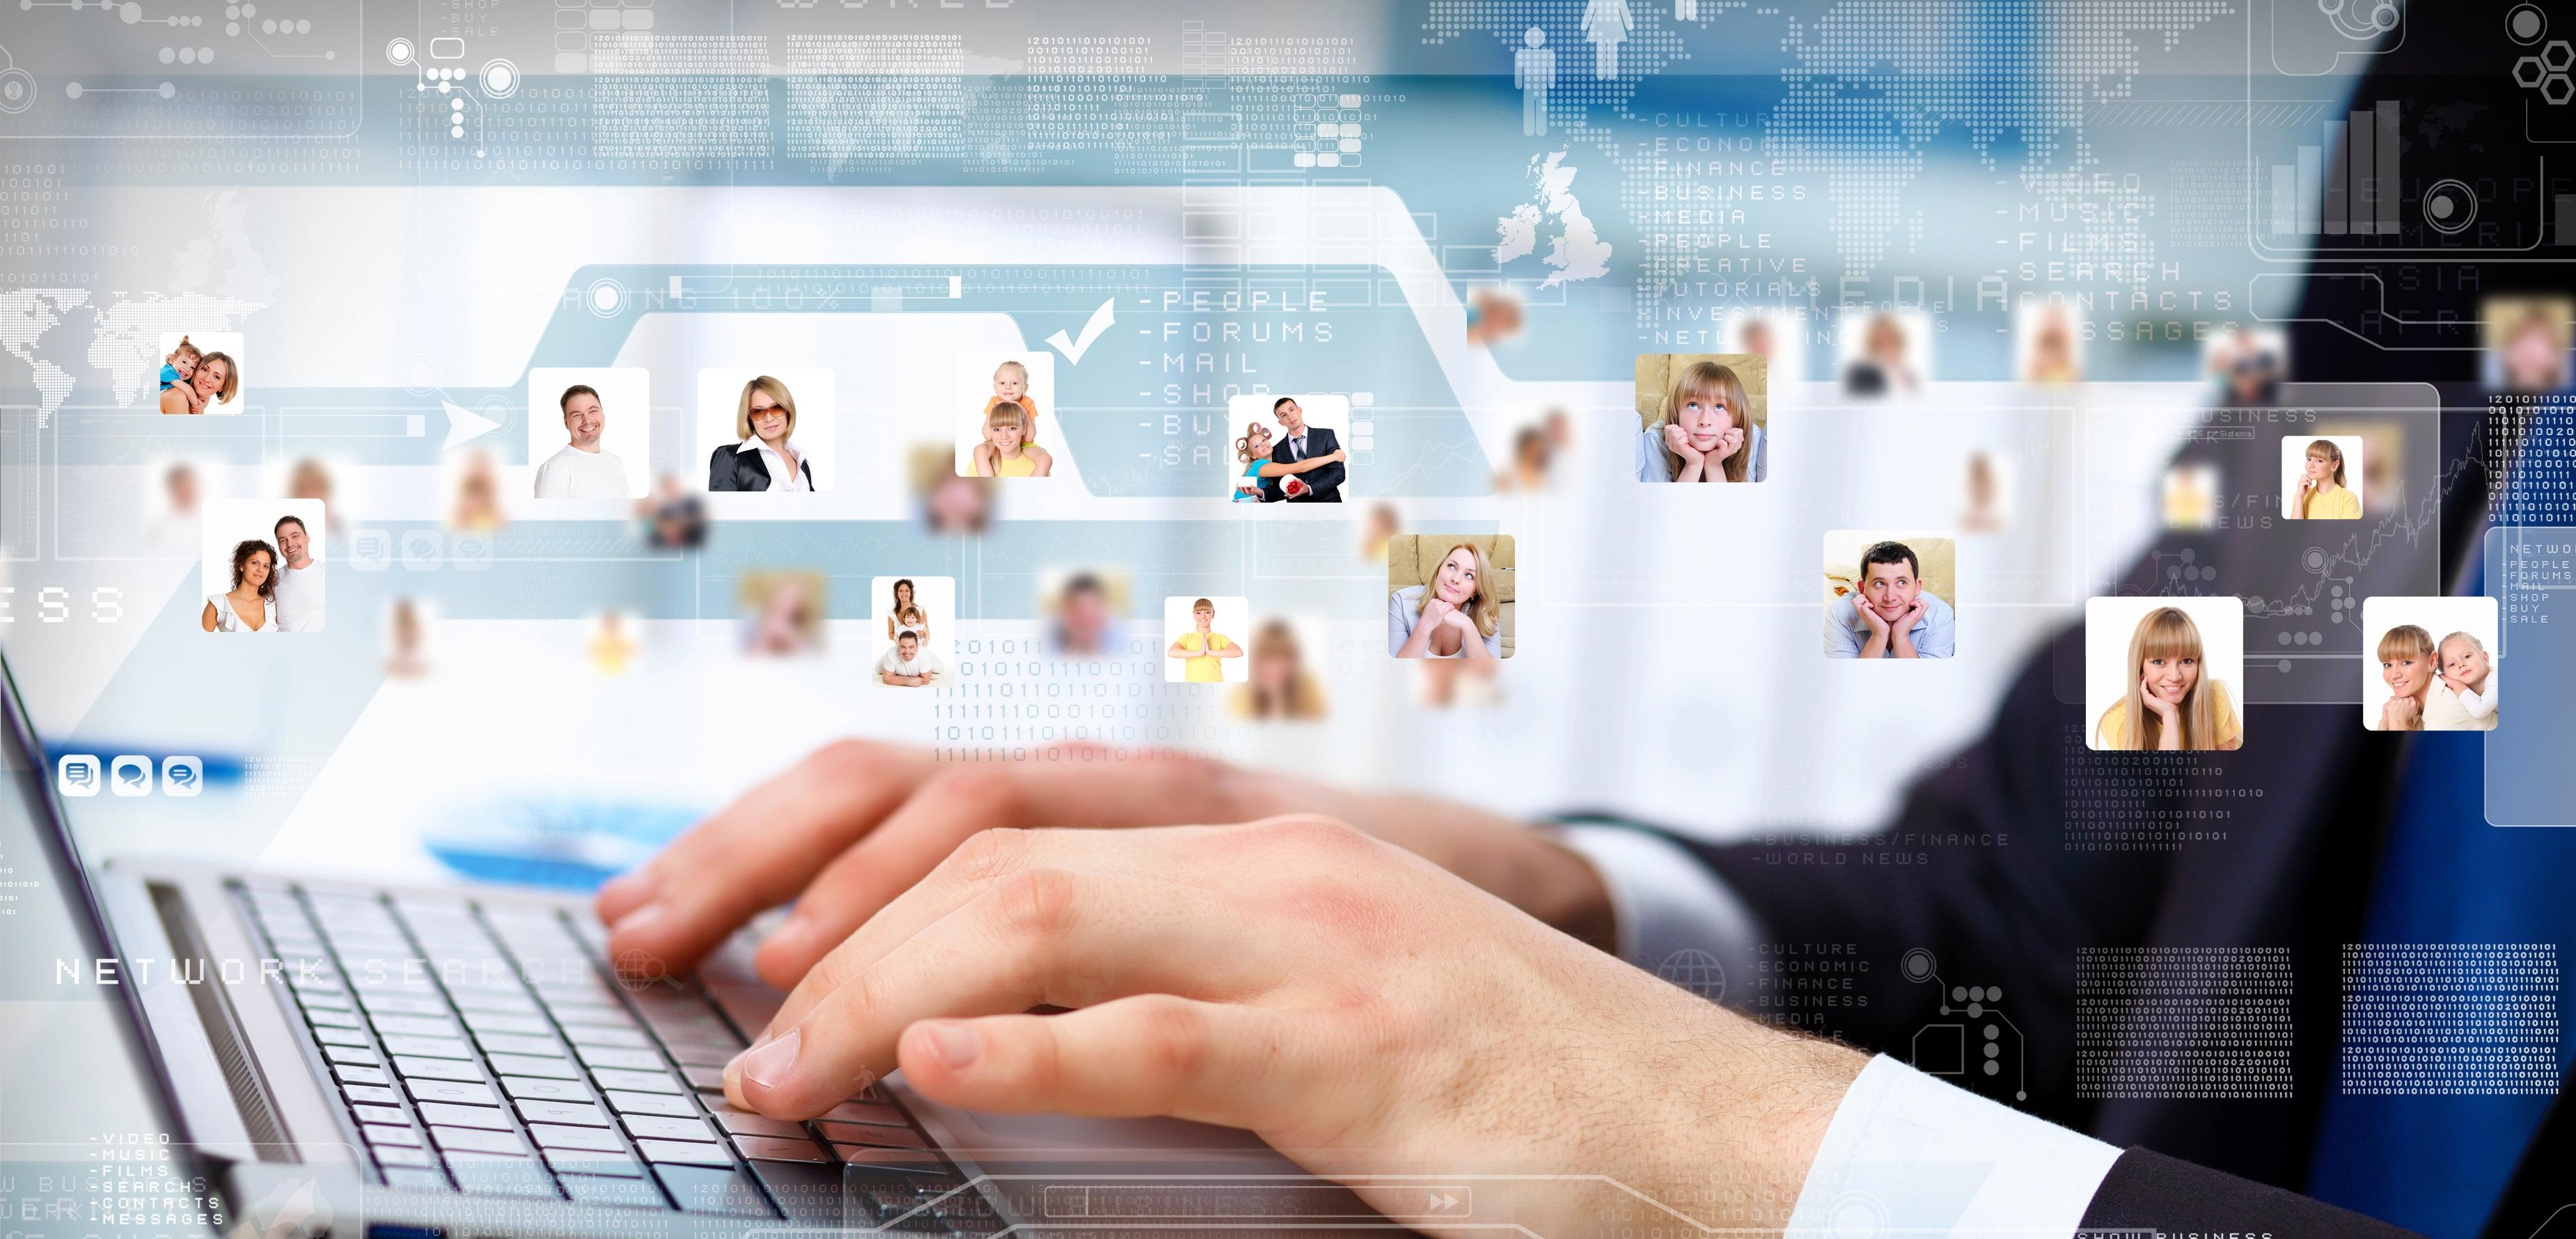 Comunicação - internet - acesso à informação